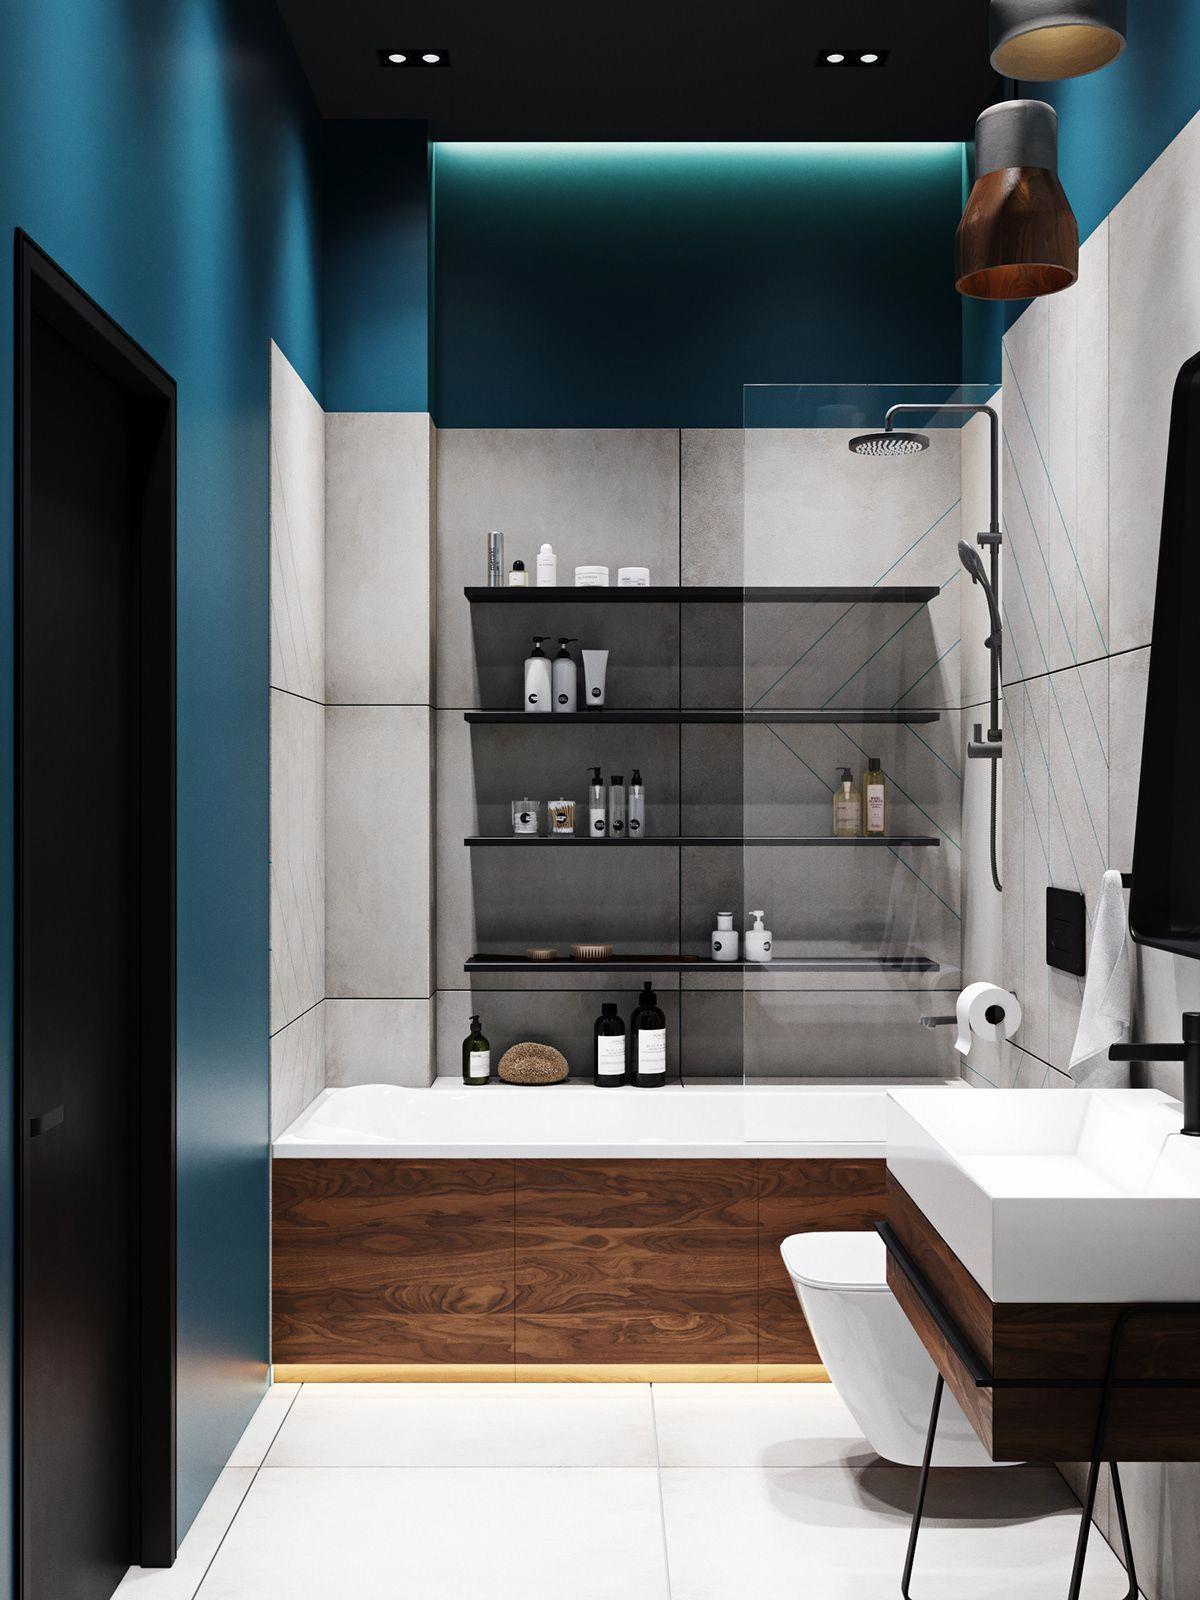 Peinture Pour Wc Ceramique peinture de salle de bain alkyde fini très lustré, plancher